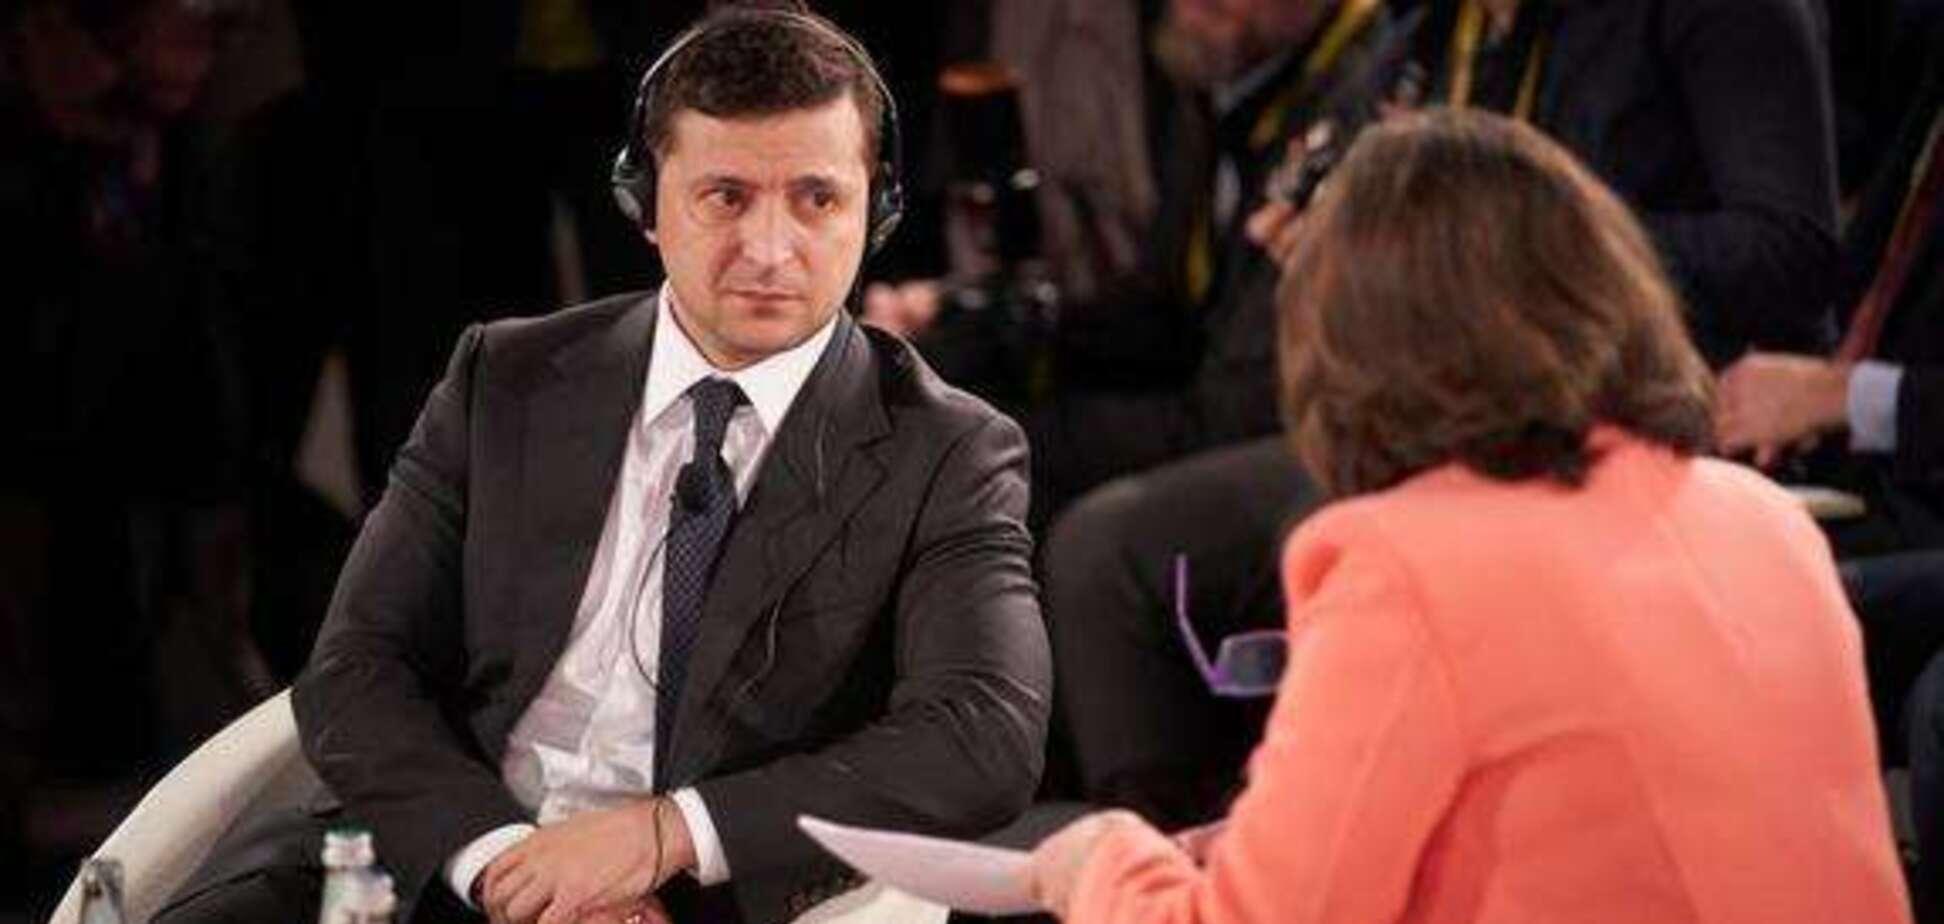 Зеленський у Мюнхені: у Кремлі обурюються, в Україні гніваються